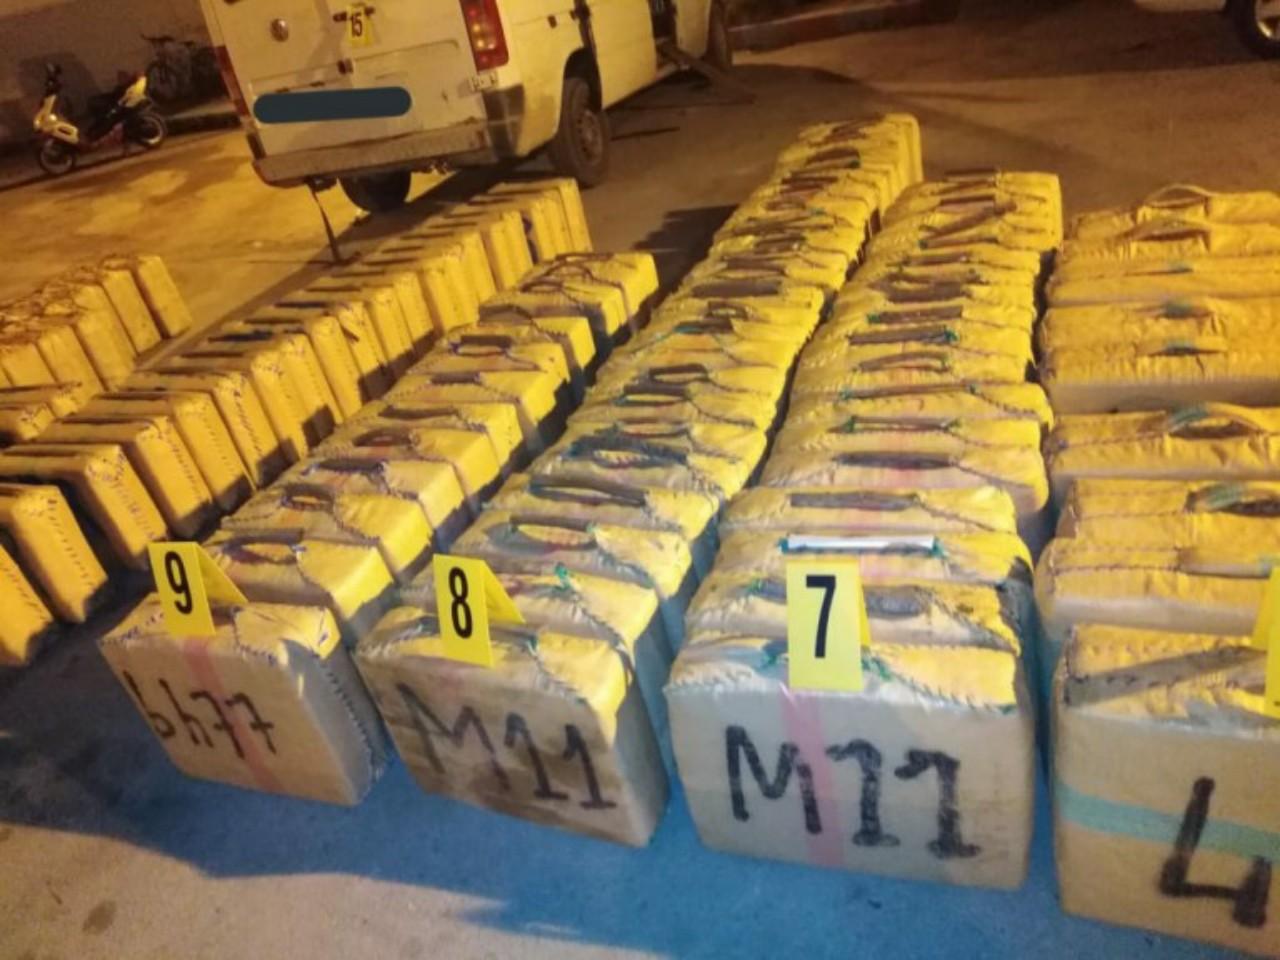 إحباط عملية تهريب للمخدرات بميناء طنجة